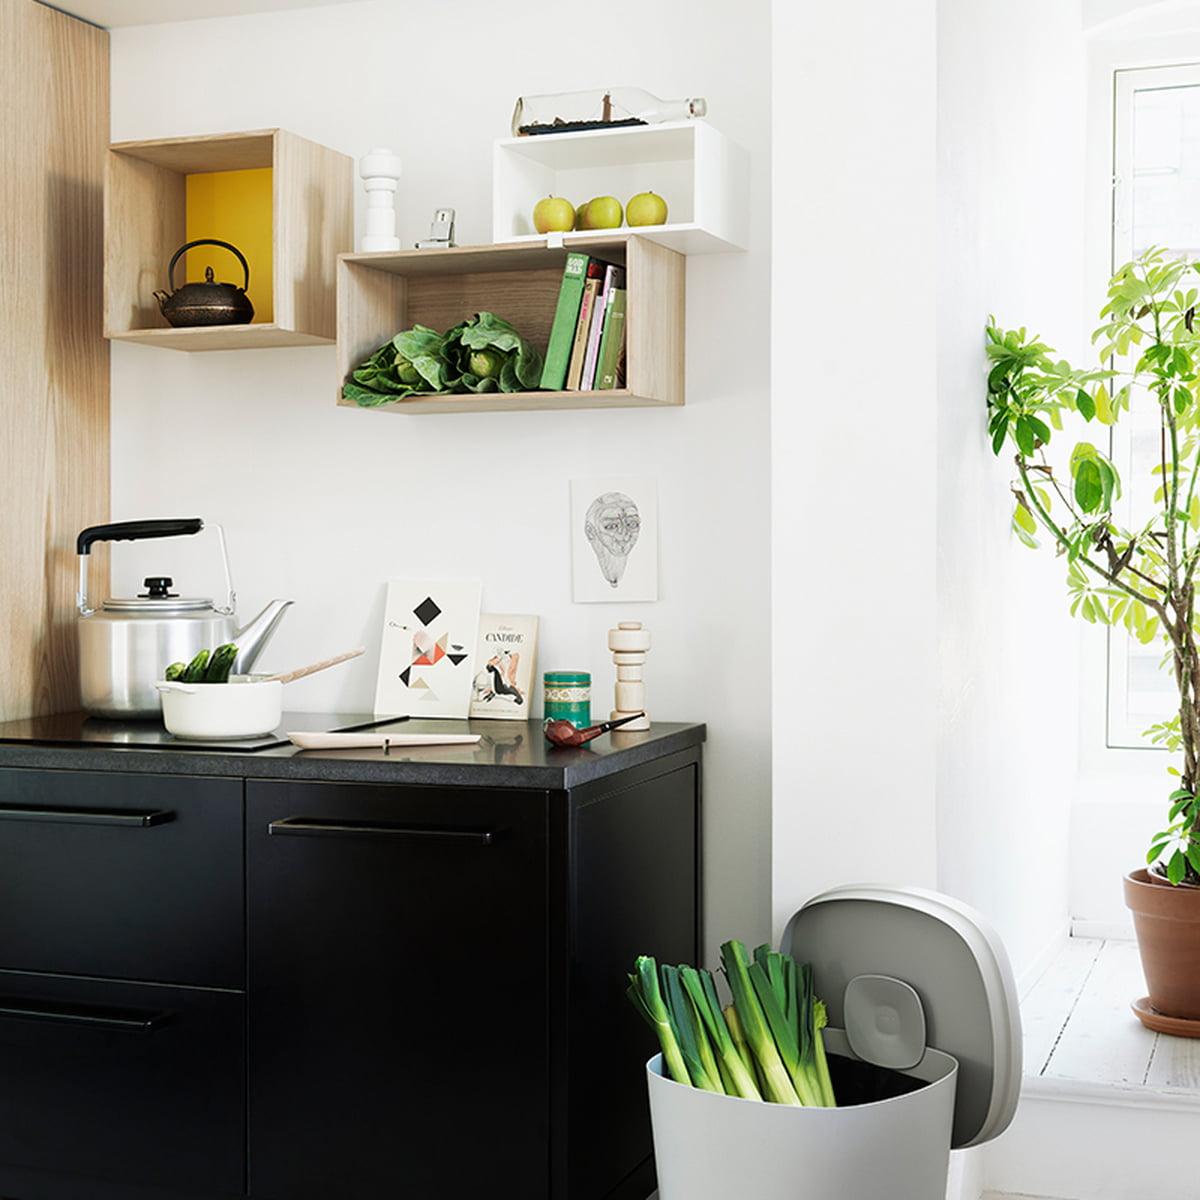 Ausgezeichnet Küchenwandleuchten Uk Fotos - Ideen Für Die Küche ...